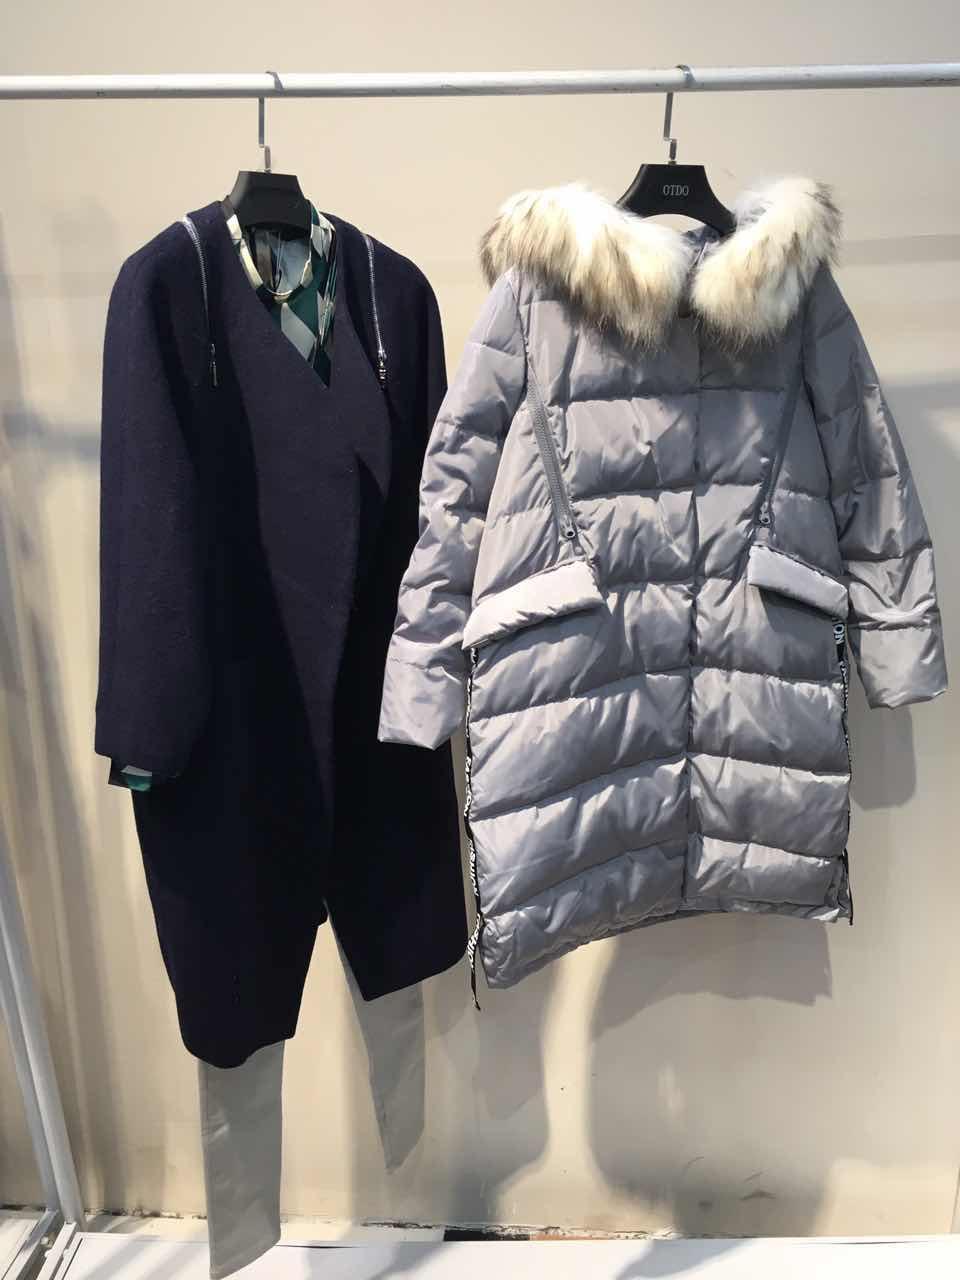 重庆服装批发市场品牌折扣女装秋装北京品牌折扣店羊绒围巾